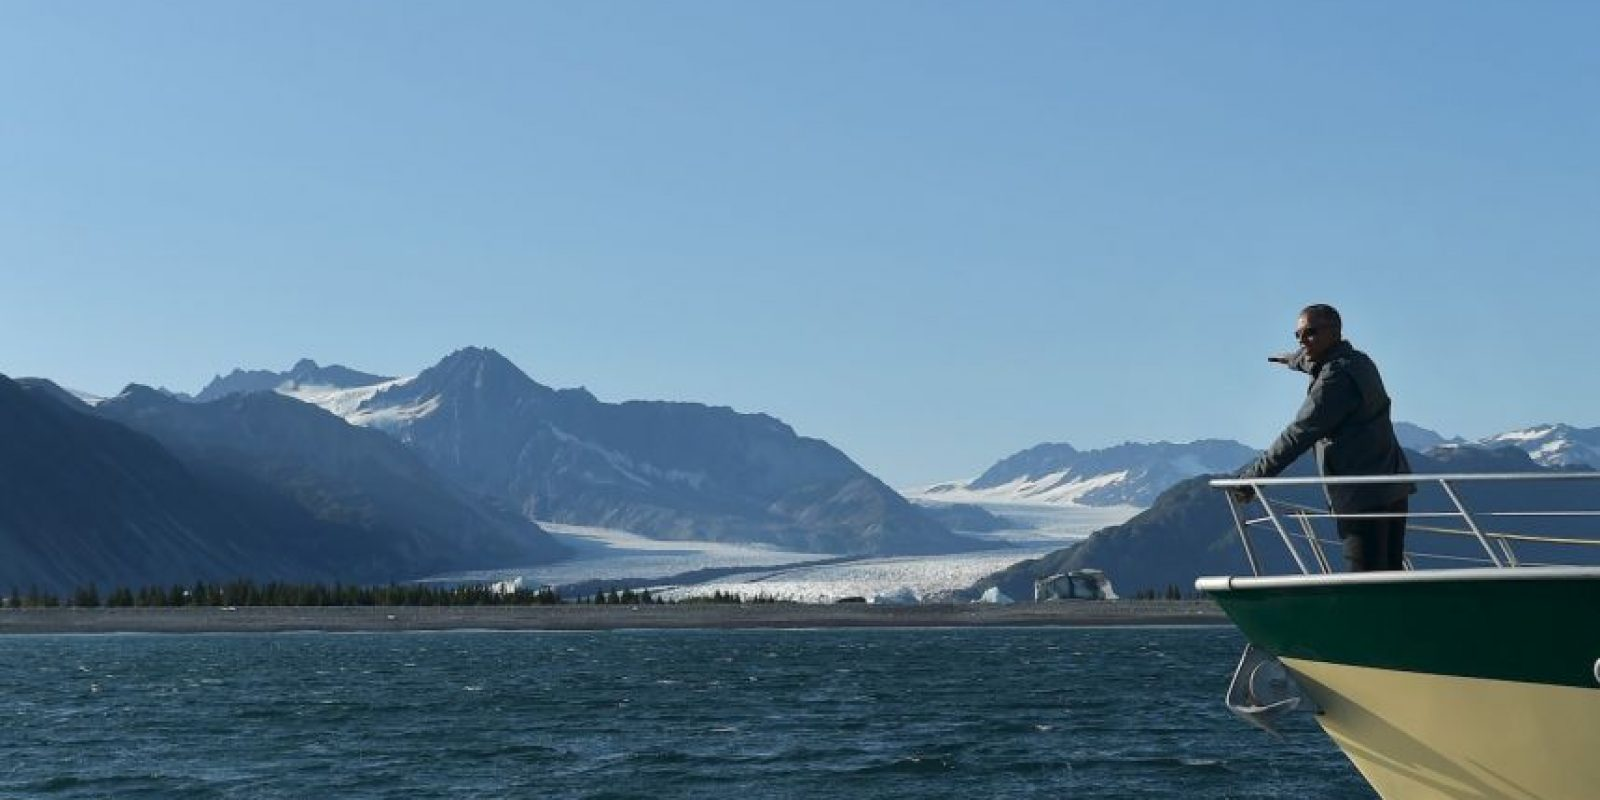 El presidente visita Alaska con la intención de crear conciencia sobre los efectos del cambio climático en la región. Foto:AP